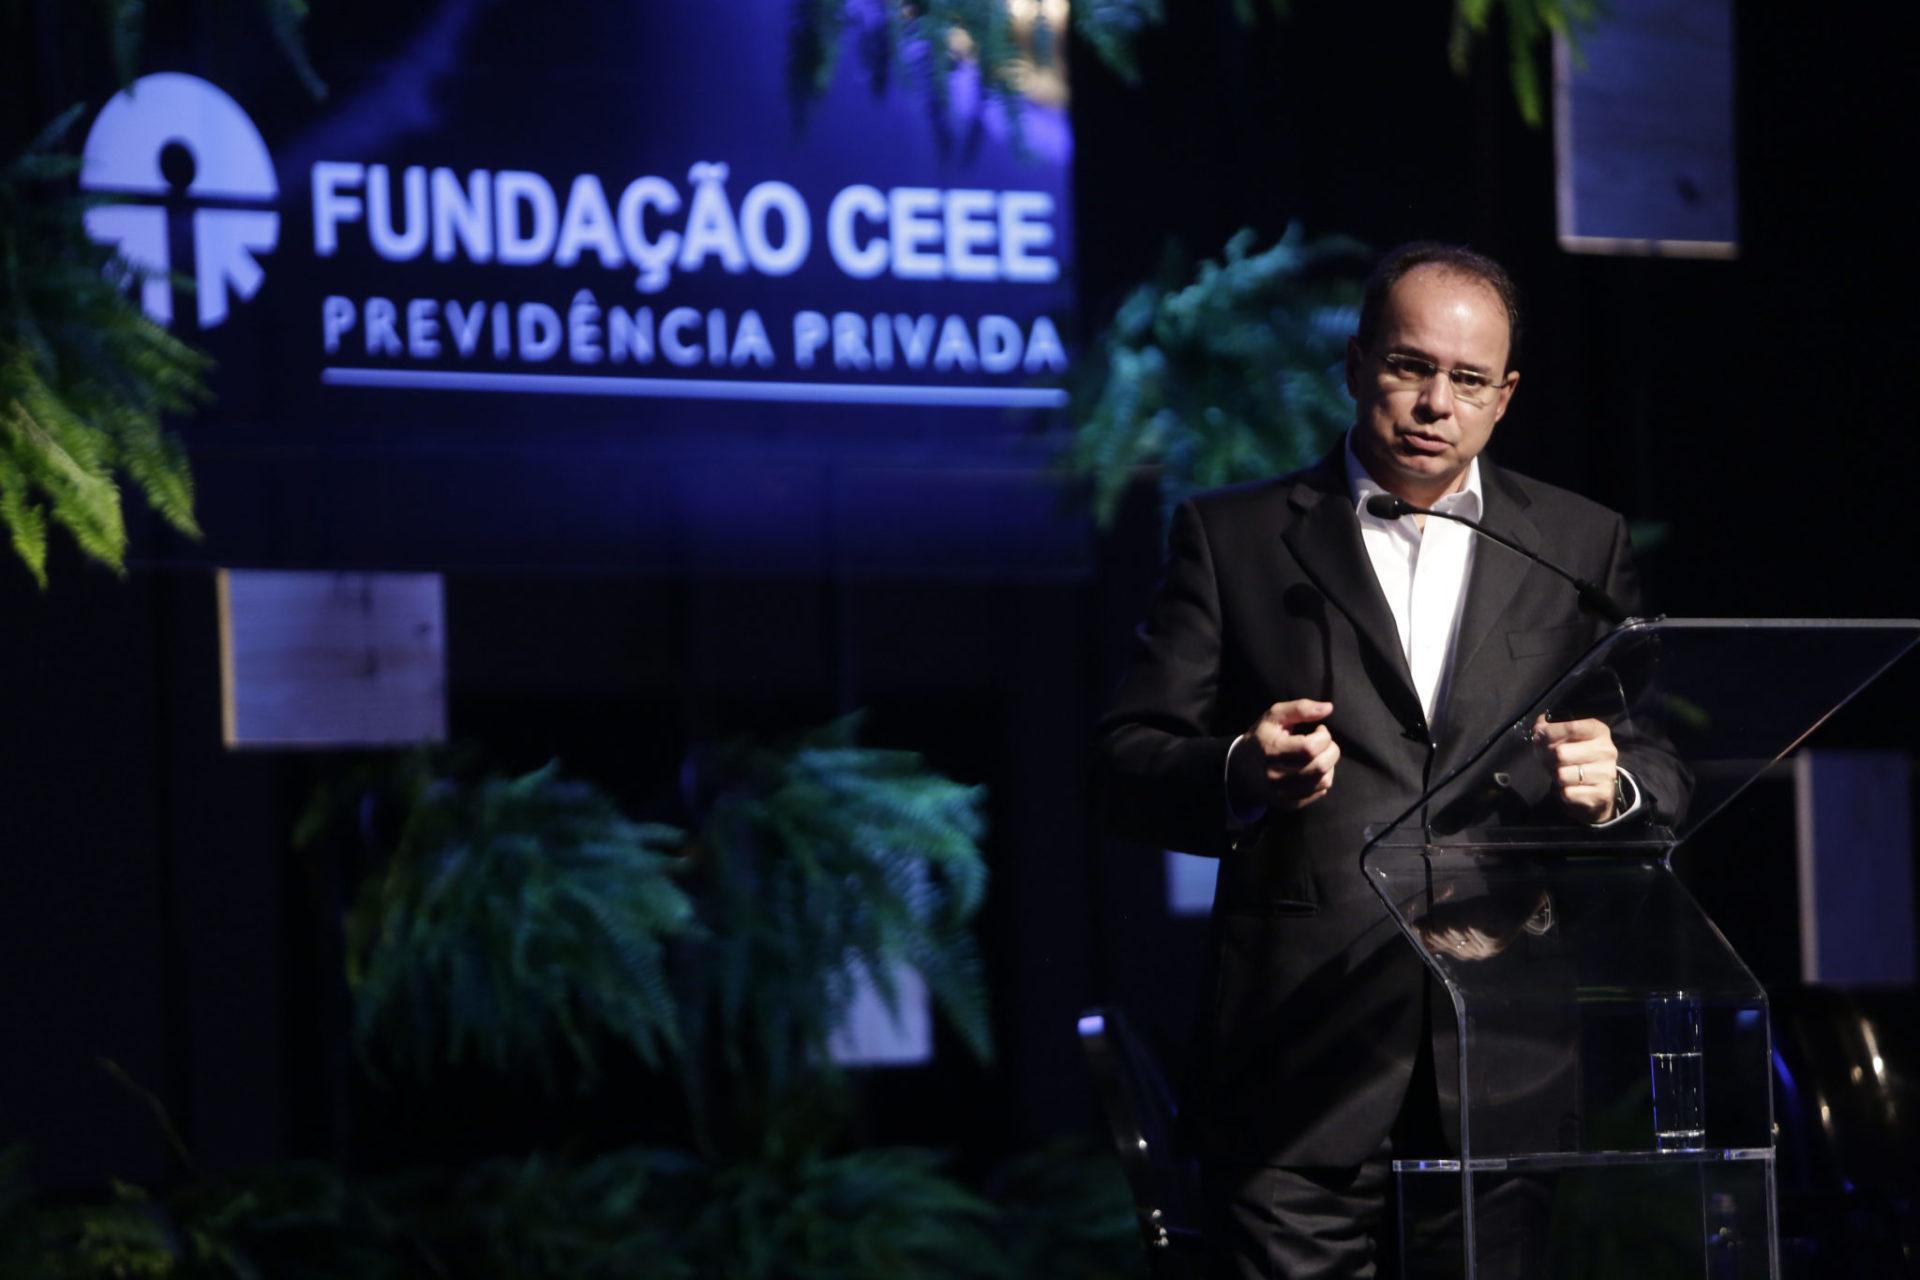 Ex-diretor de Política Monetária do Banco Central, Azevedo afirmou que a agenda econômica do novo governo será determinante para seu sucesso. Foto: Tânia Meinerz/Divulgação